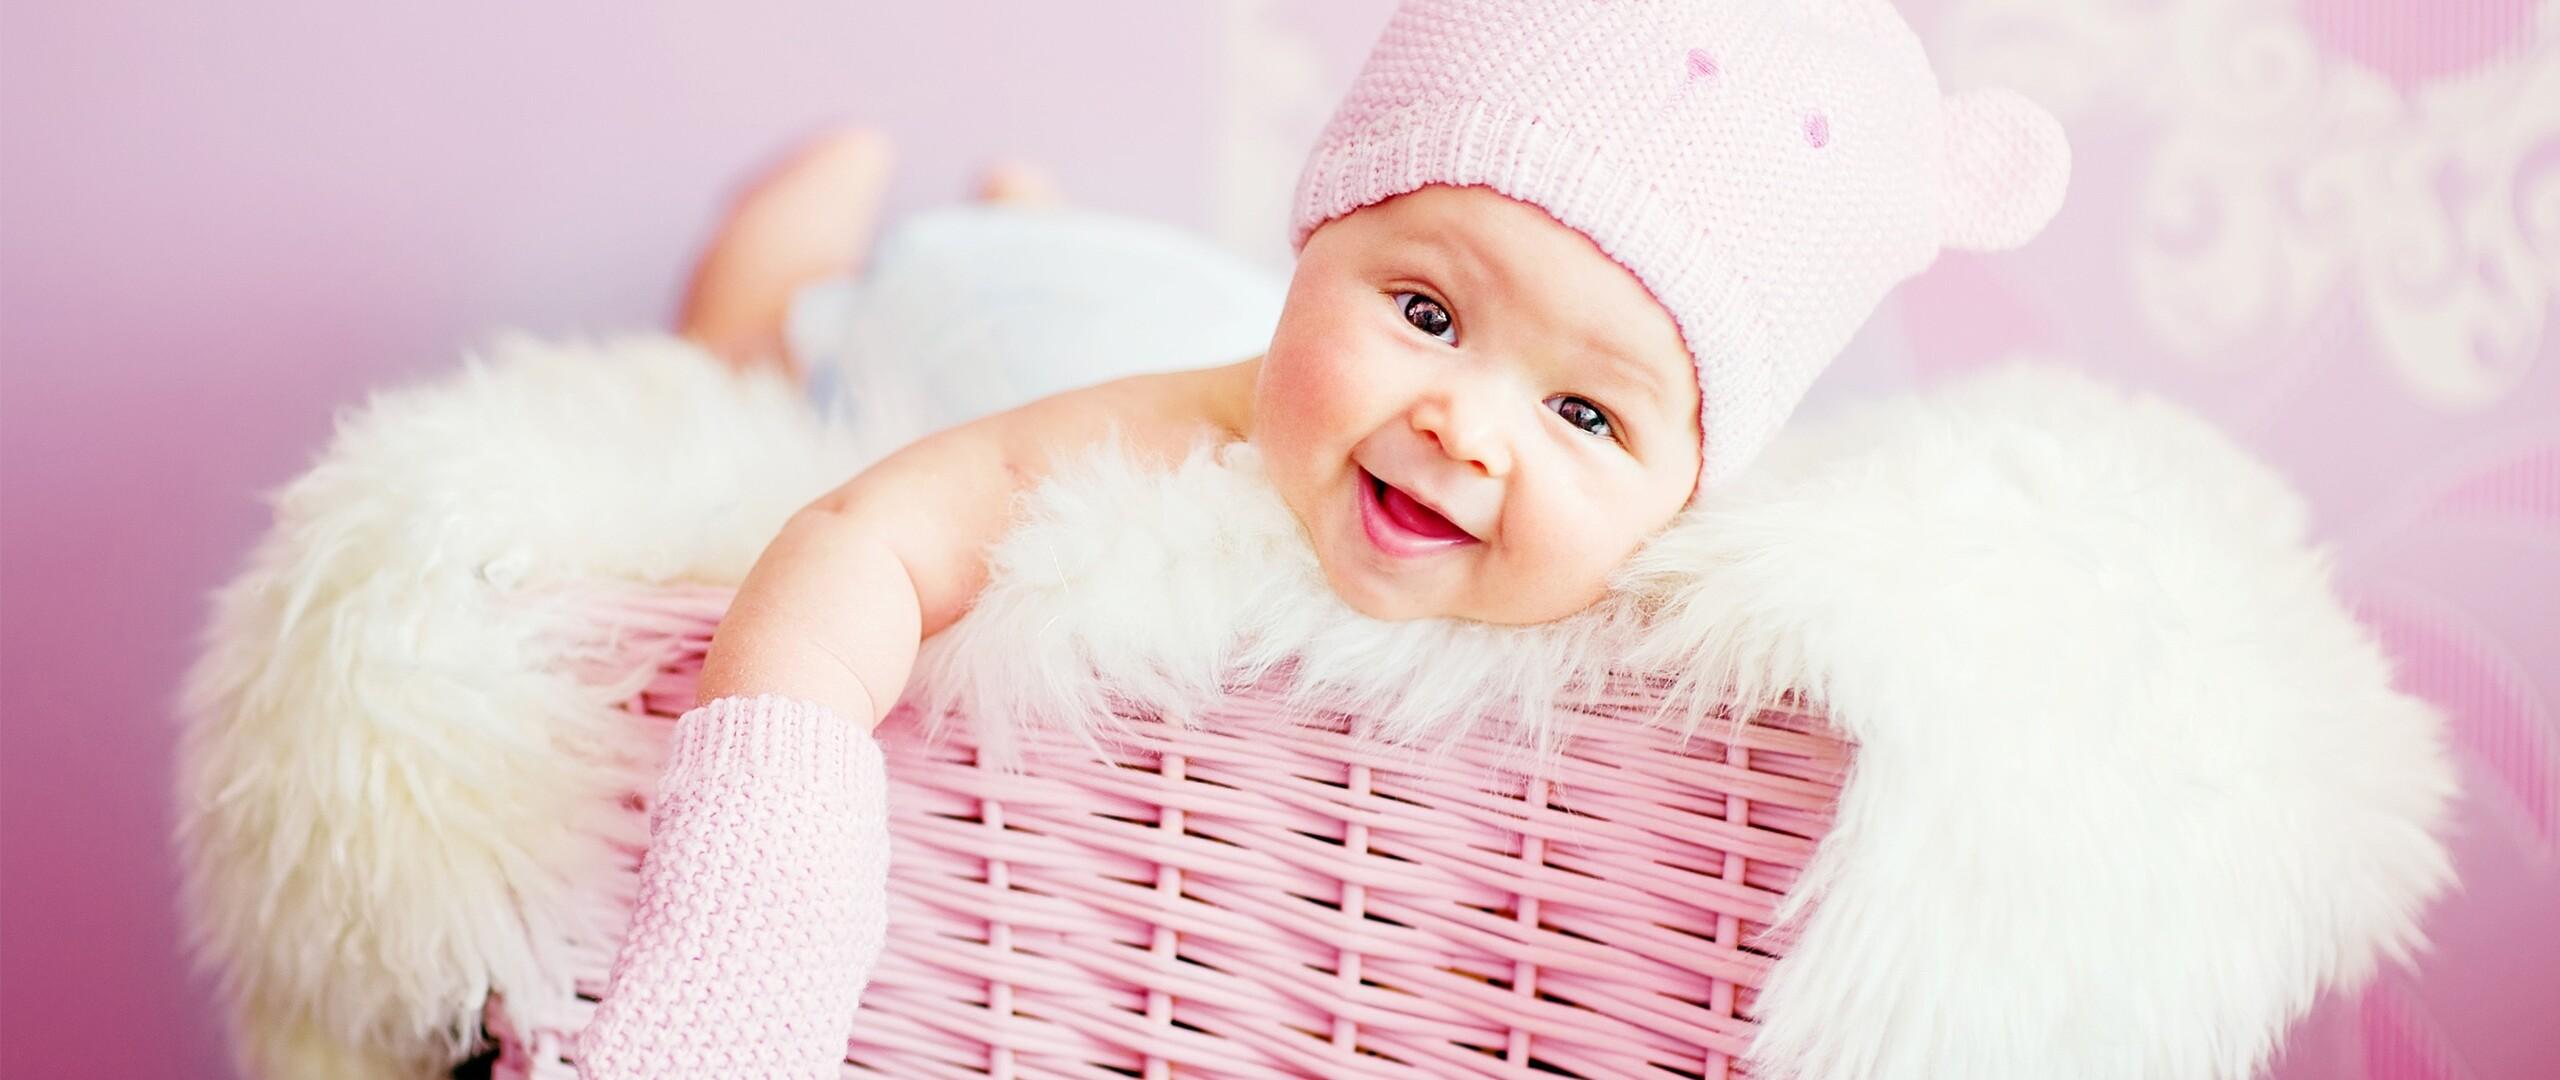 baby-laughing-cute.jpg